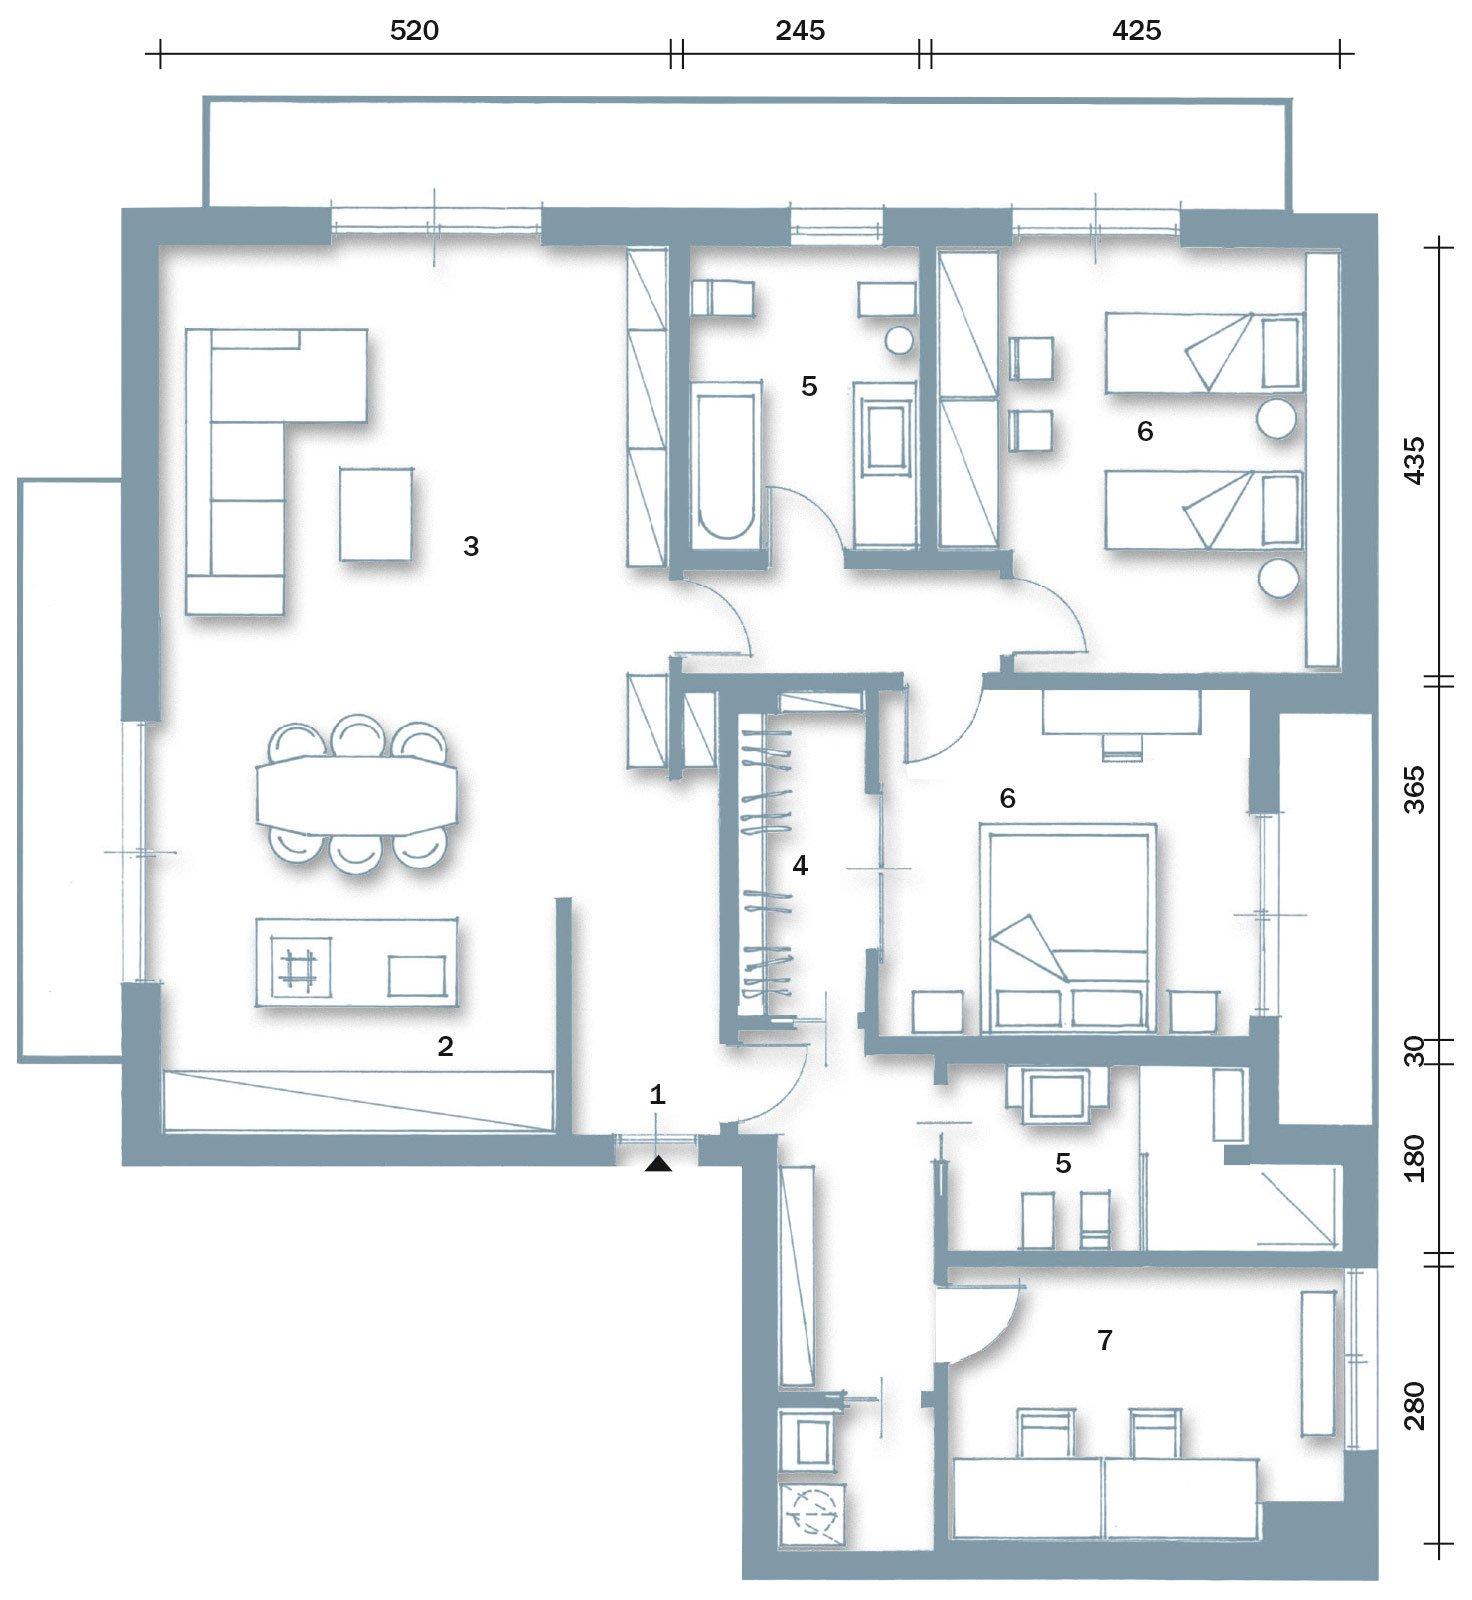 Una casa ristrutturata ridisegnando le prospettive interne for Casa con 5 camere da letto e 2 piani